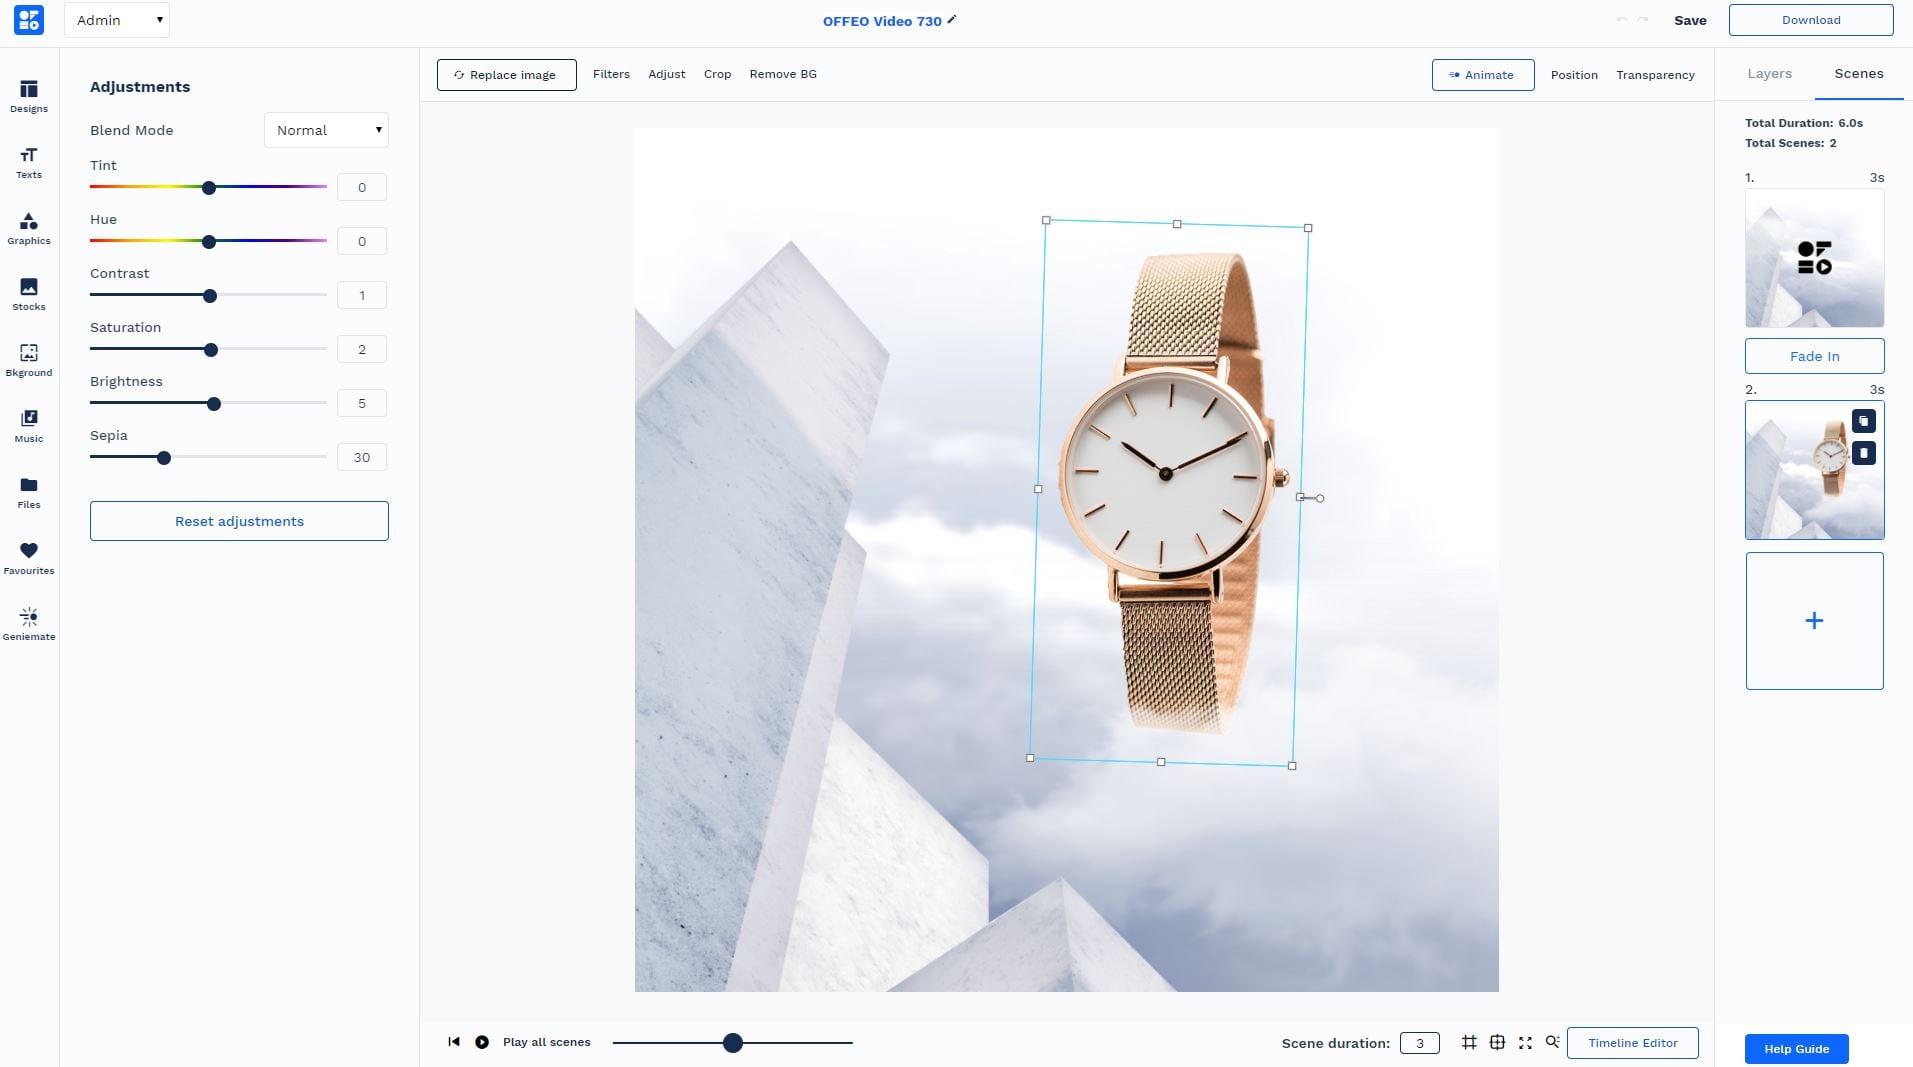 Upload images to the platform